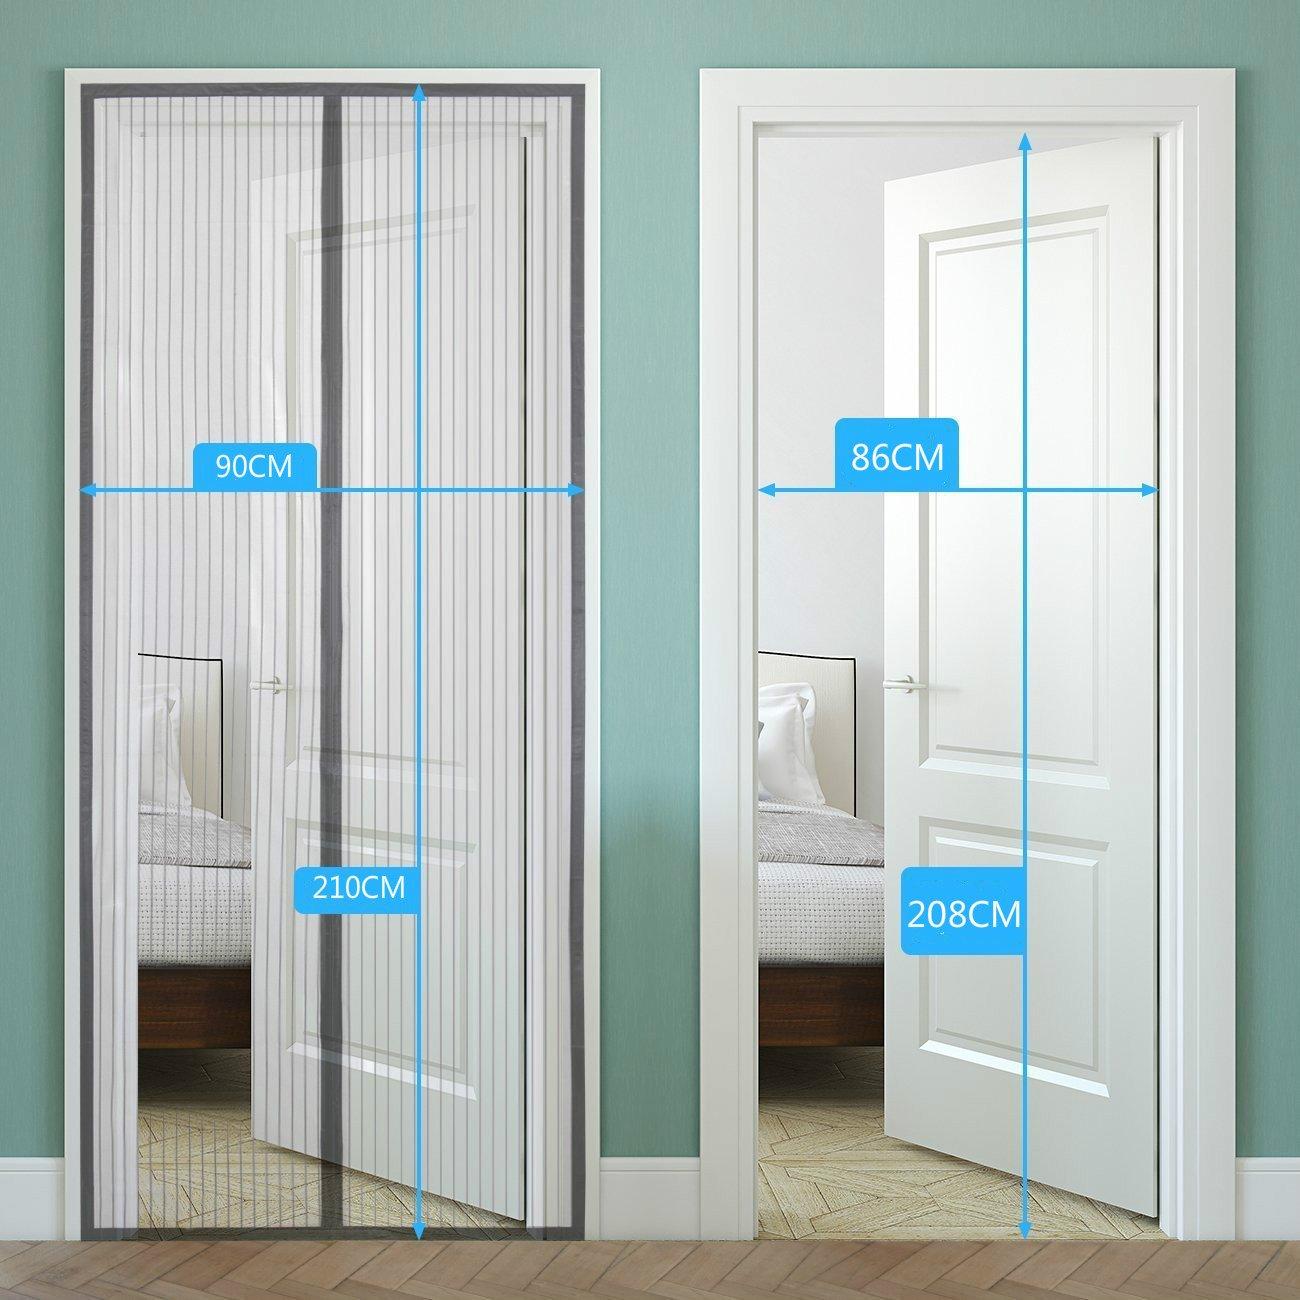 2 puertas de pantalla magnética para puerta corredera, 220 x 110 cm, puerta de mosquitera de malla.: Amazon.es: Bricolaje y herramientas